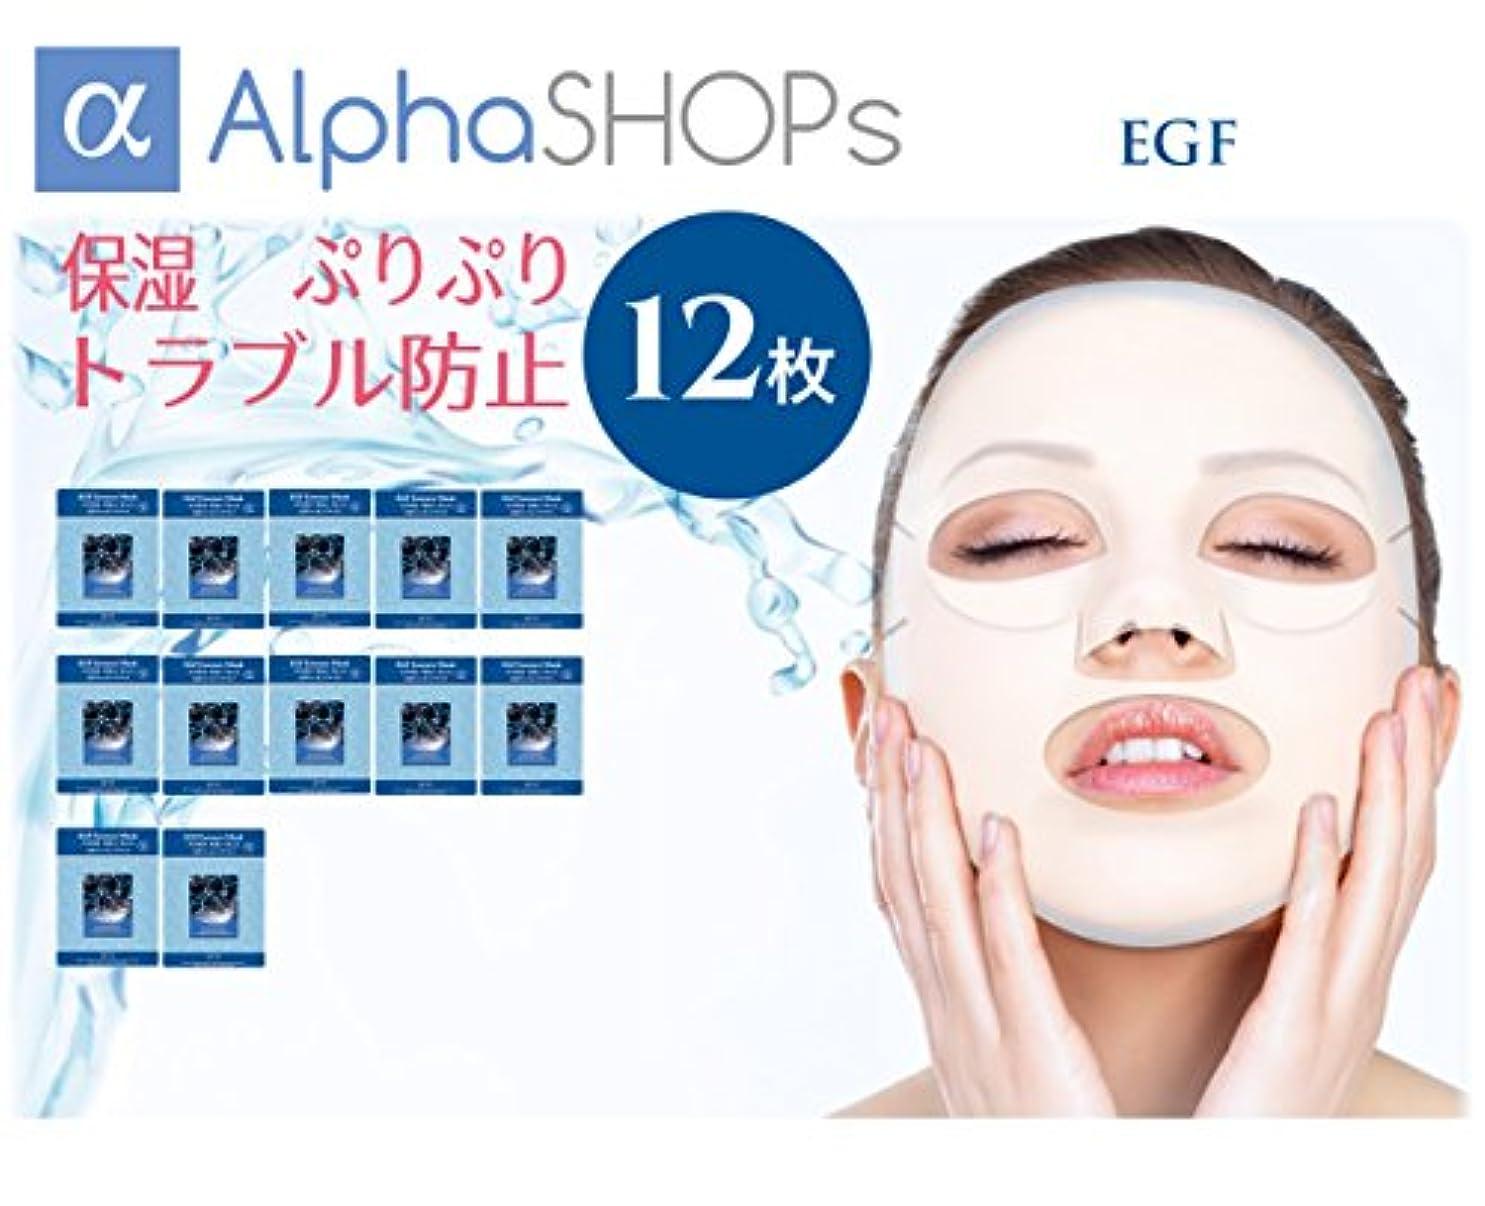 セール令状知覚する12枚セット EGF エッセンスマスク 韓国コスメ MIJIN(ミジン)